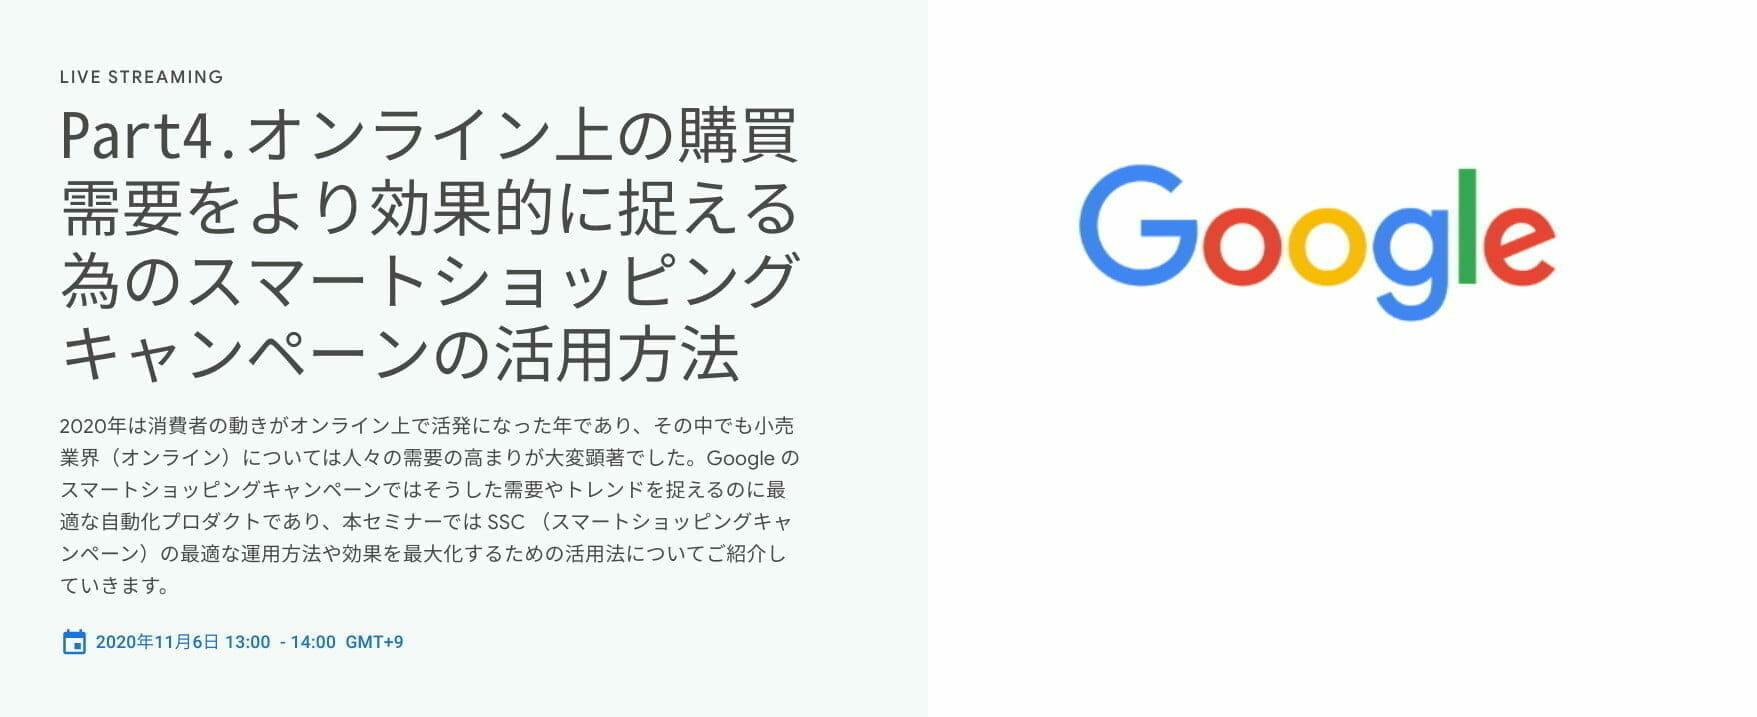 [Google 広告] Part4.オンライン上の購買需要をより効果的に捉える為のスマートショッピングキャンペーンの活用方法